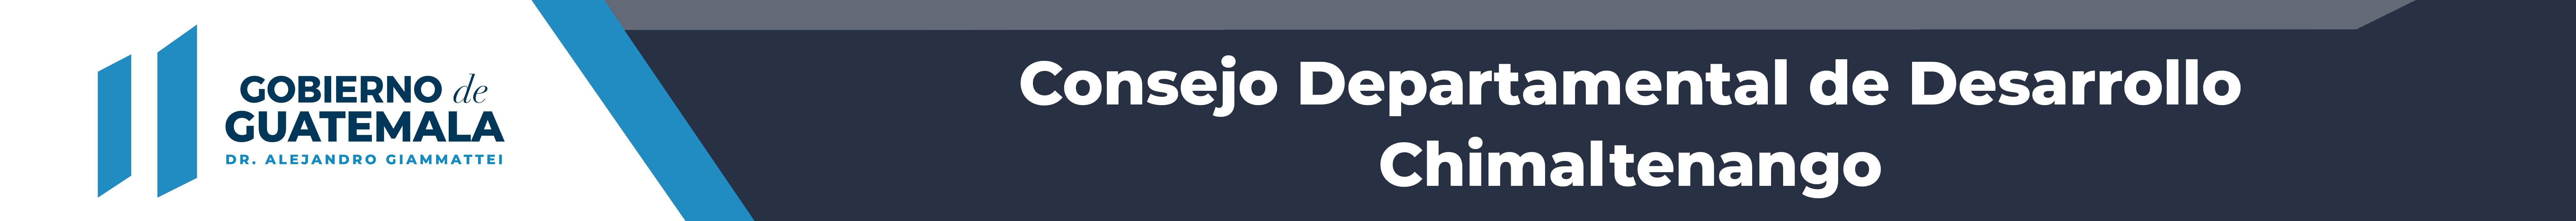 Baner Logo